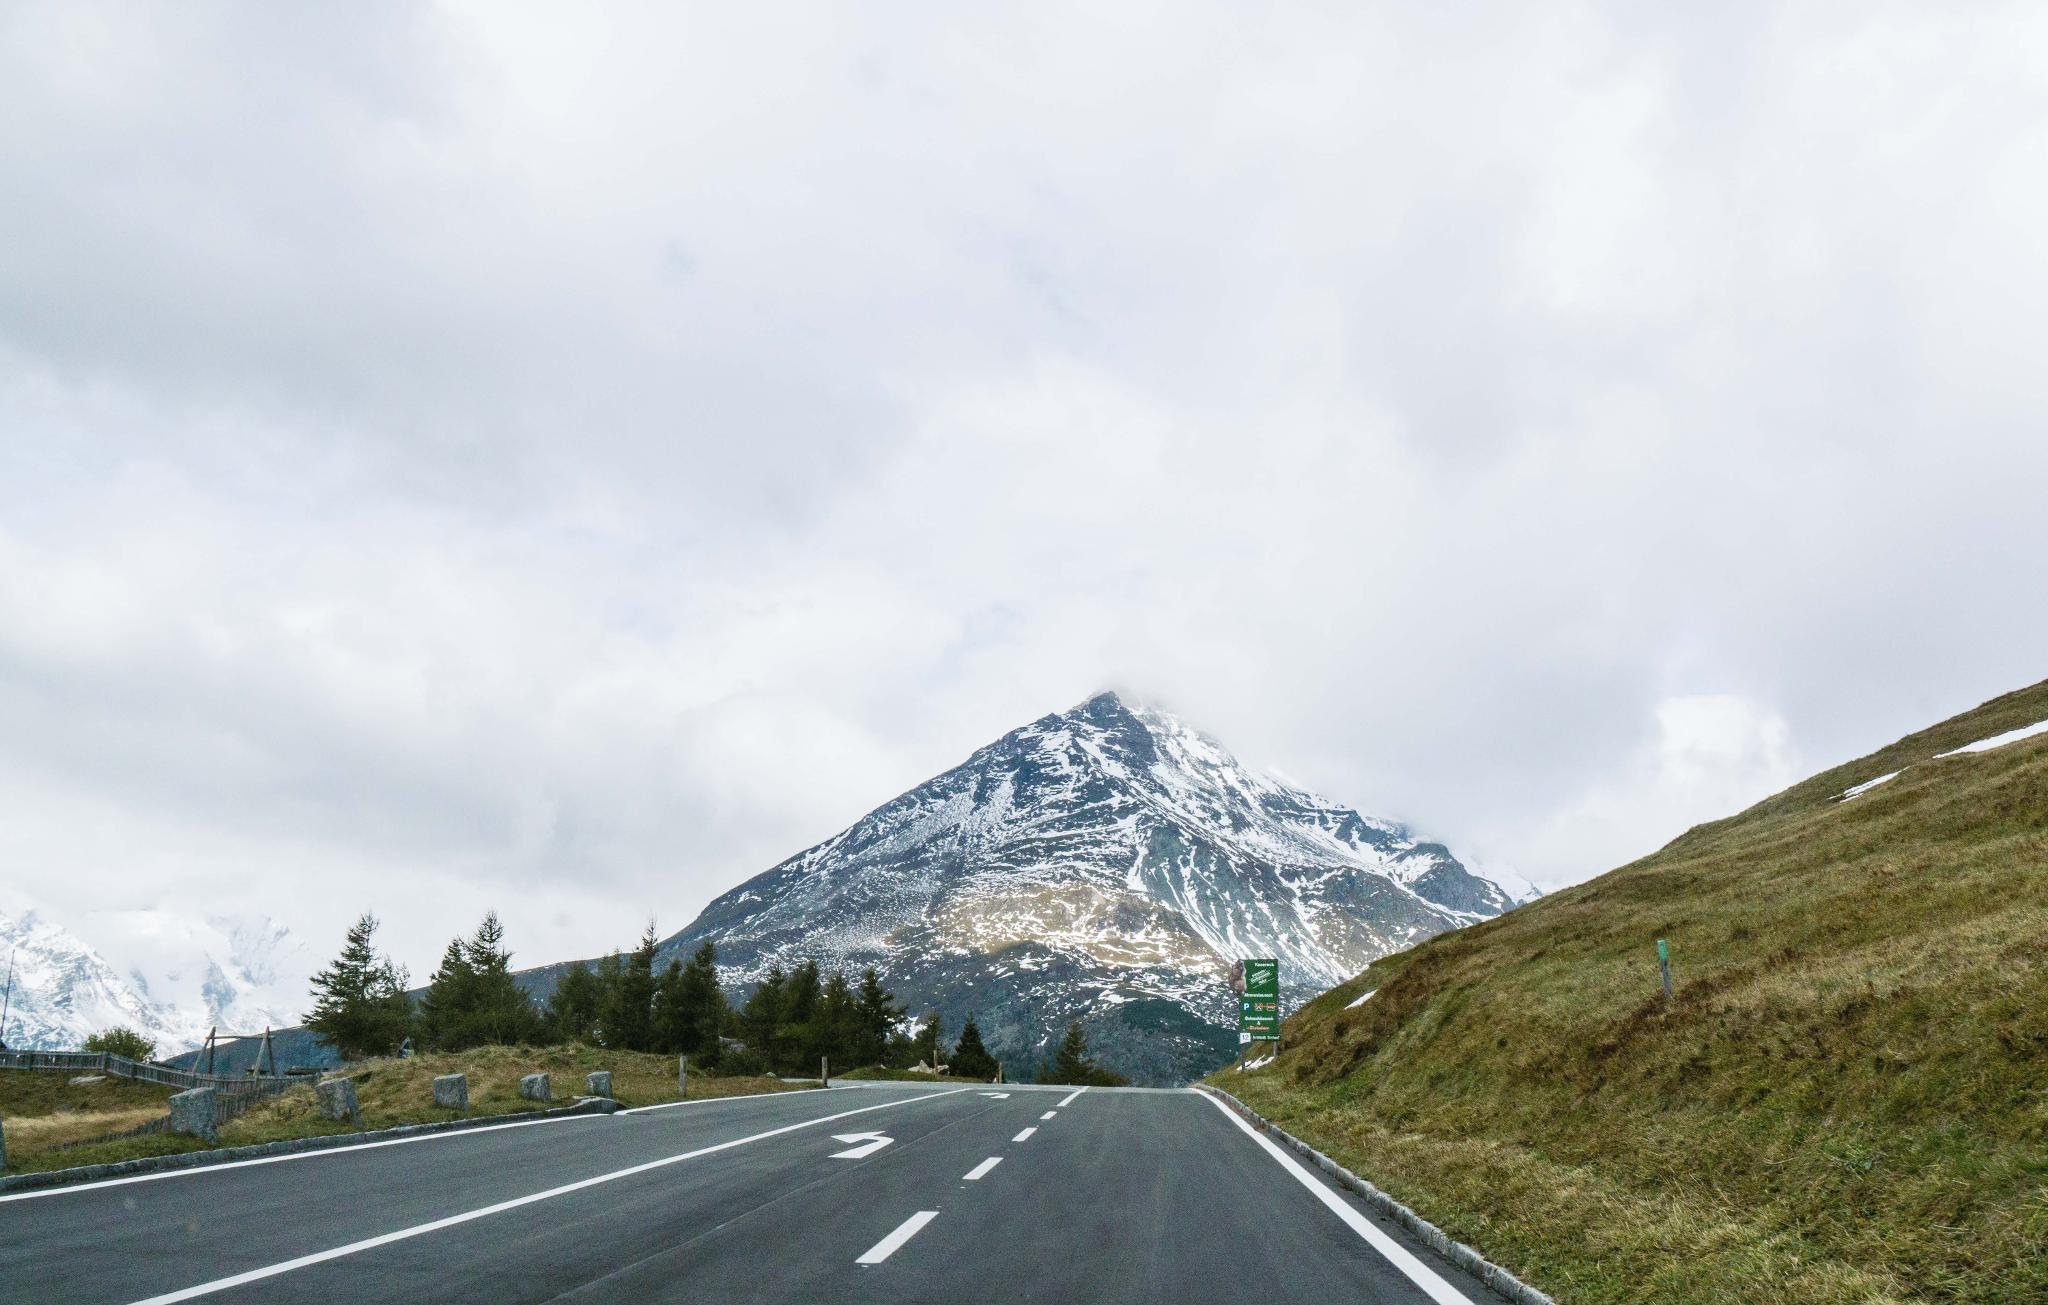 【奧地利】穿越阿爾卑斯之巔 — 奧地利大鐘山冰河公路 (Grossglockner High Alpine Road) 13